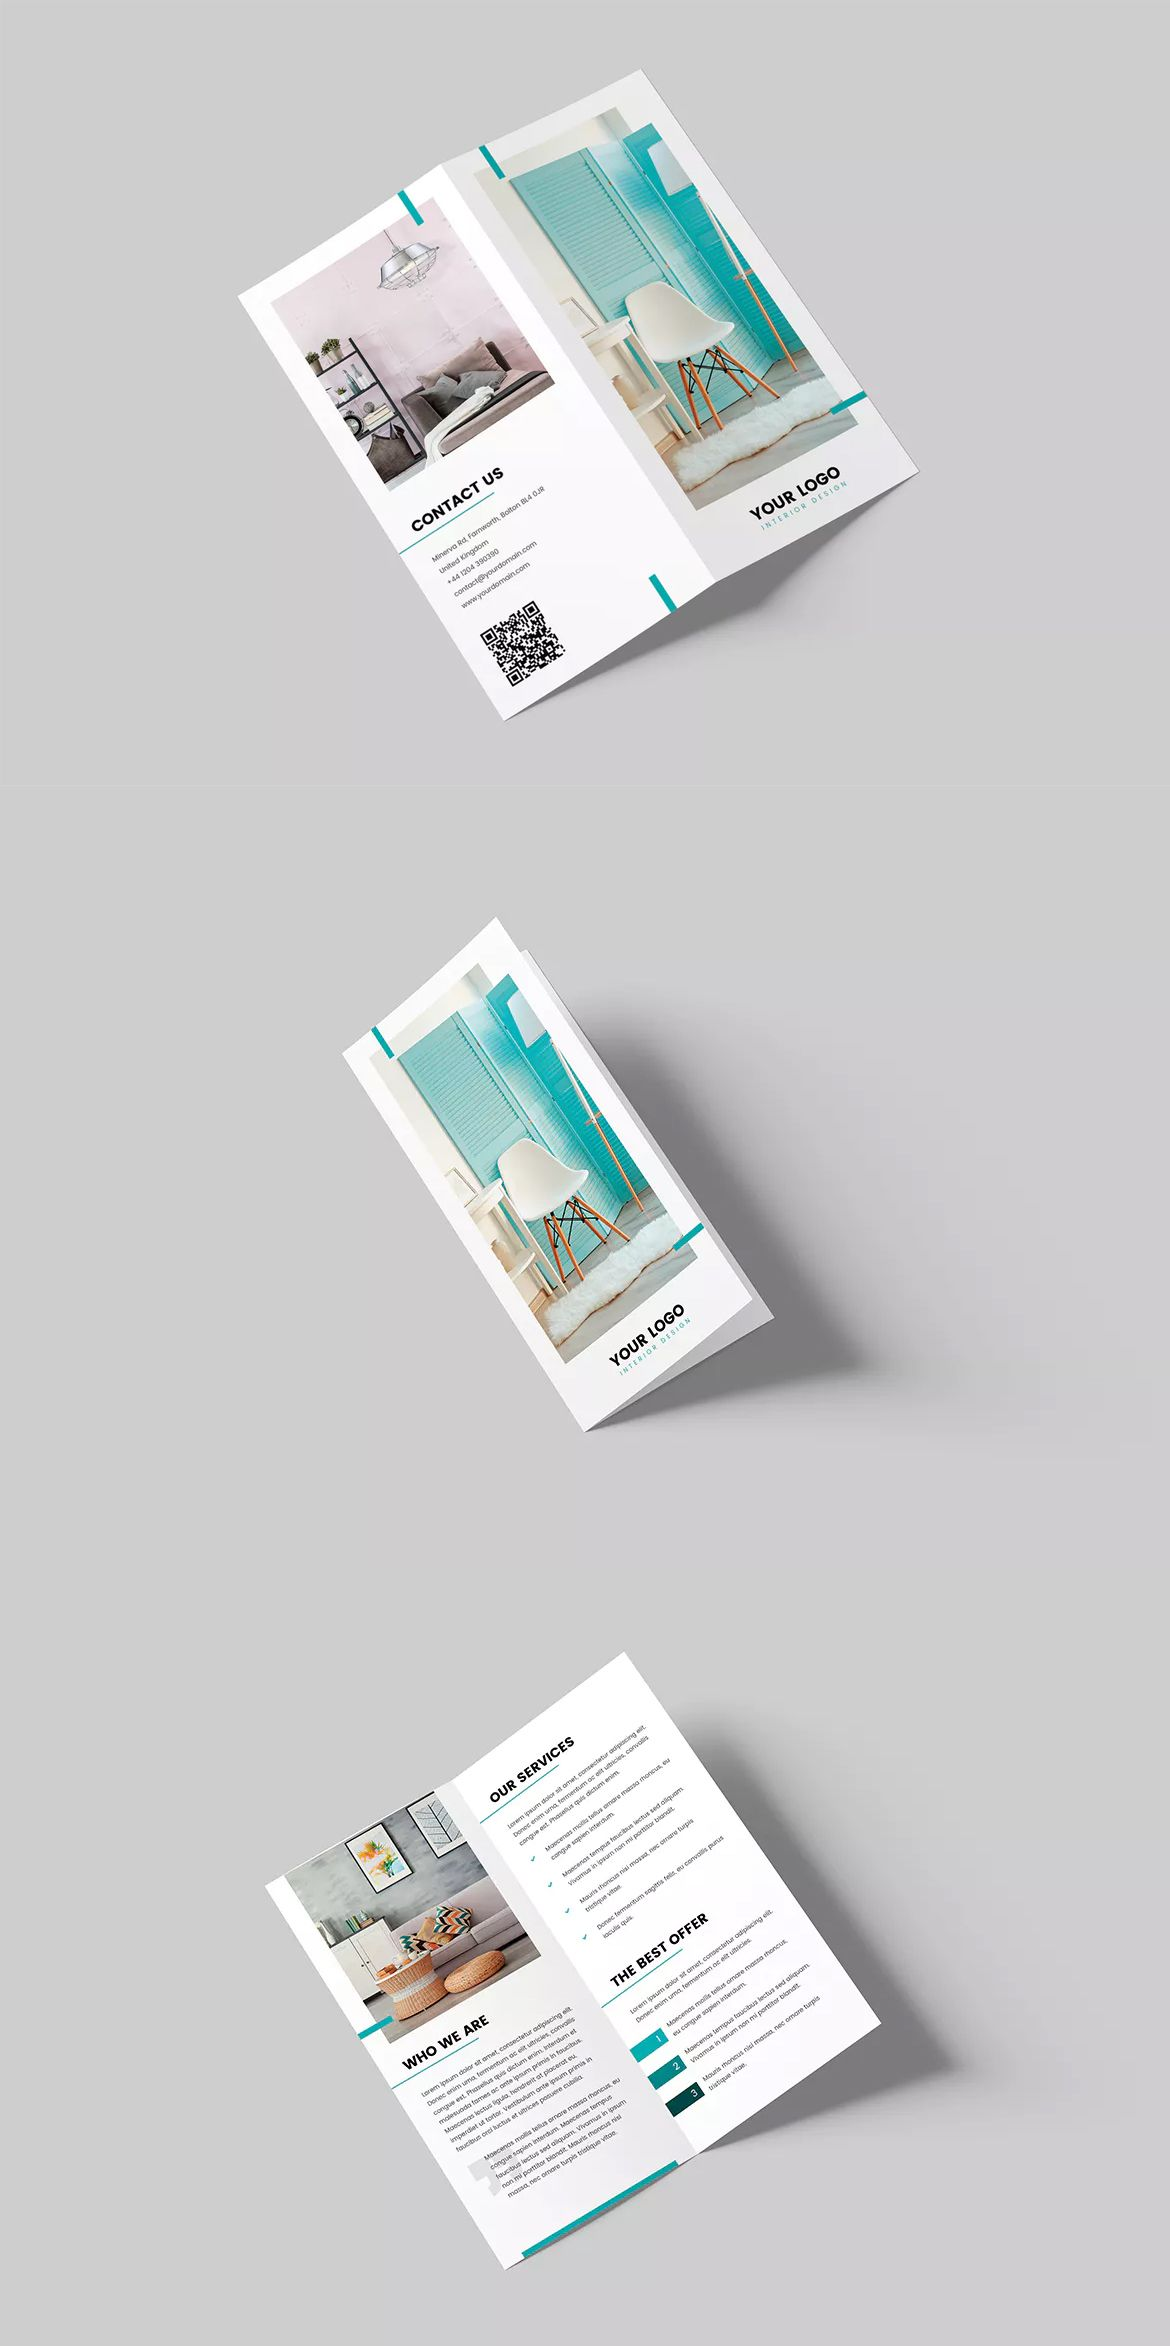 Interior Design Bi-Fold DL Brochure Template PSD | Brochure Design ...